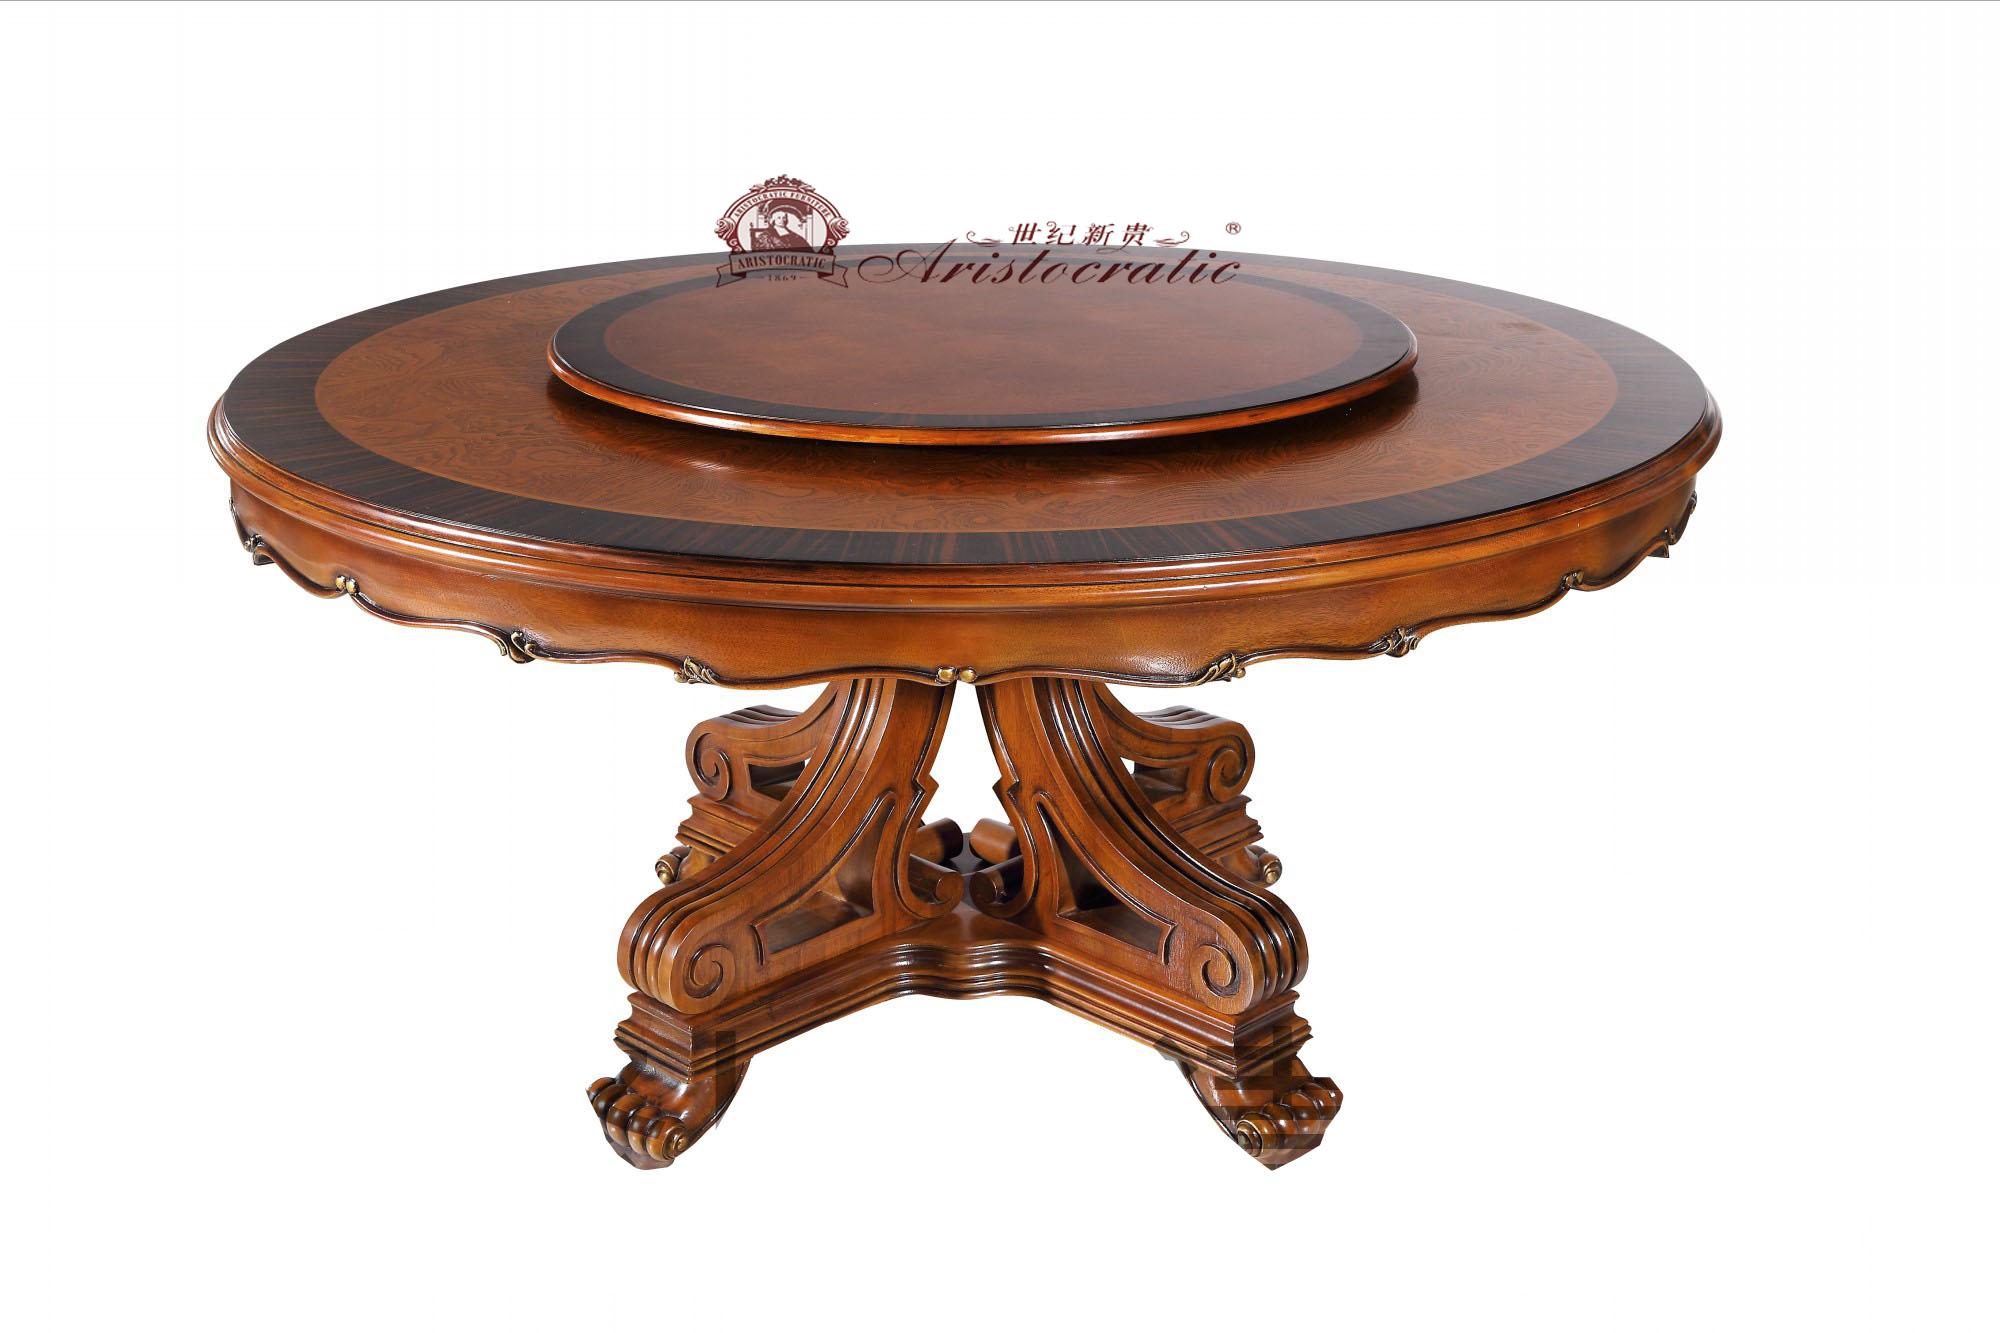 卡诺瓦皇室贵族欧式古典圆餐台